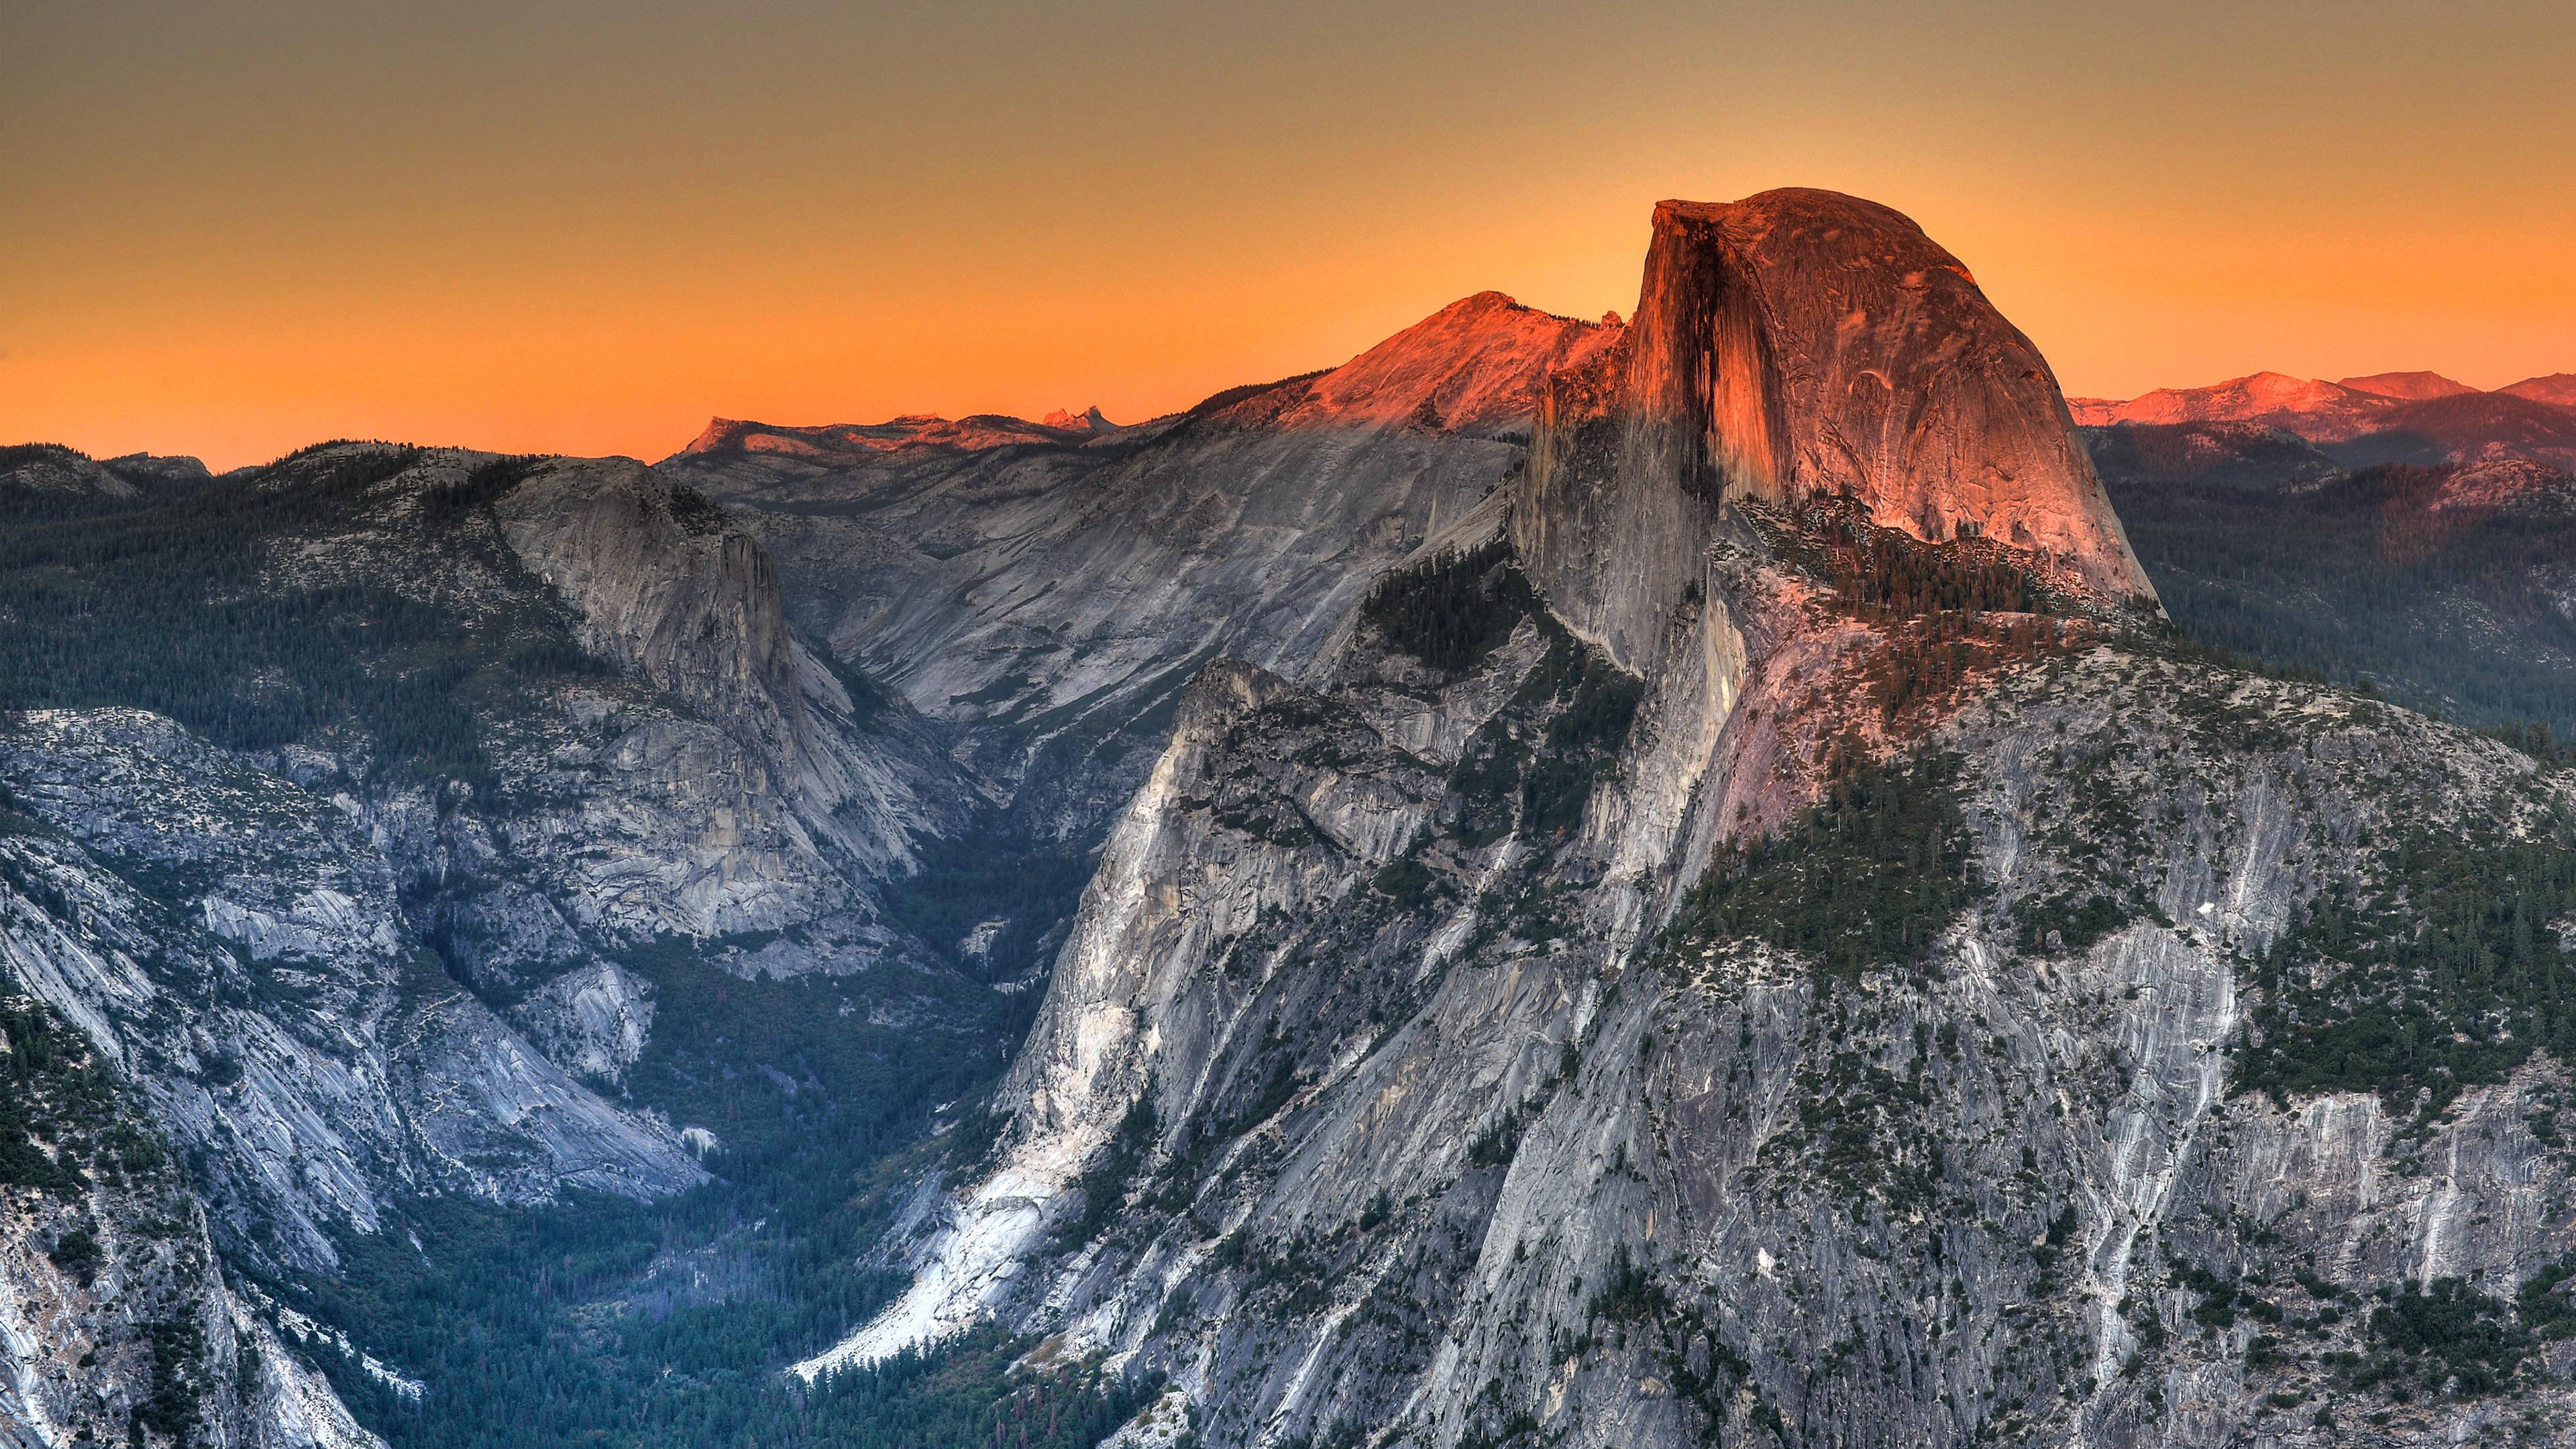 4k Hd Wallapaper: Mountain Landscape 4k Ultra HD Wallpaper And Background